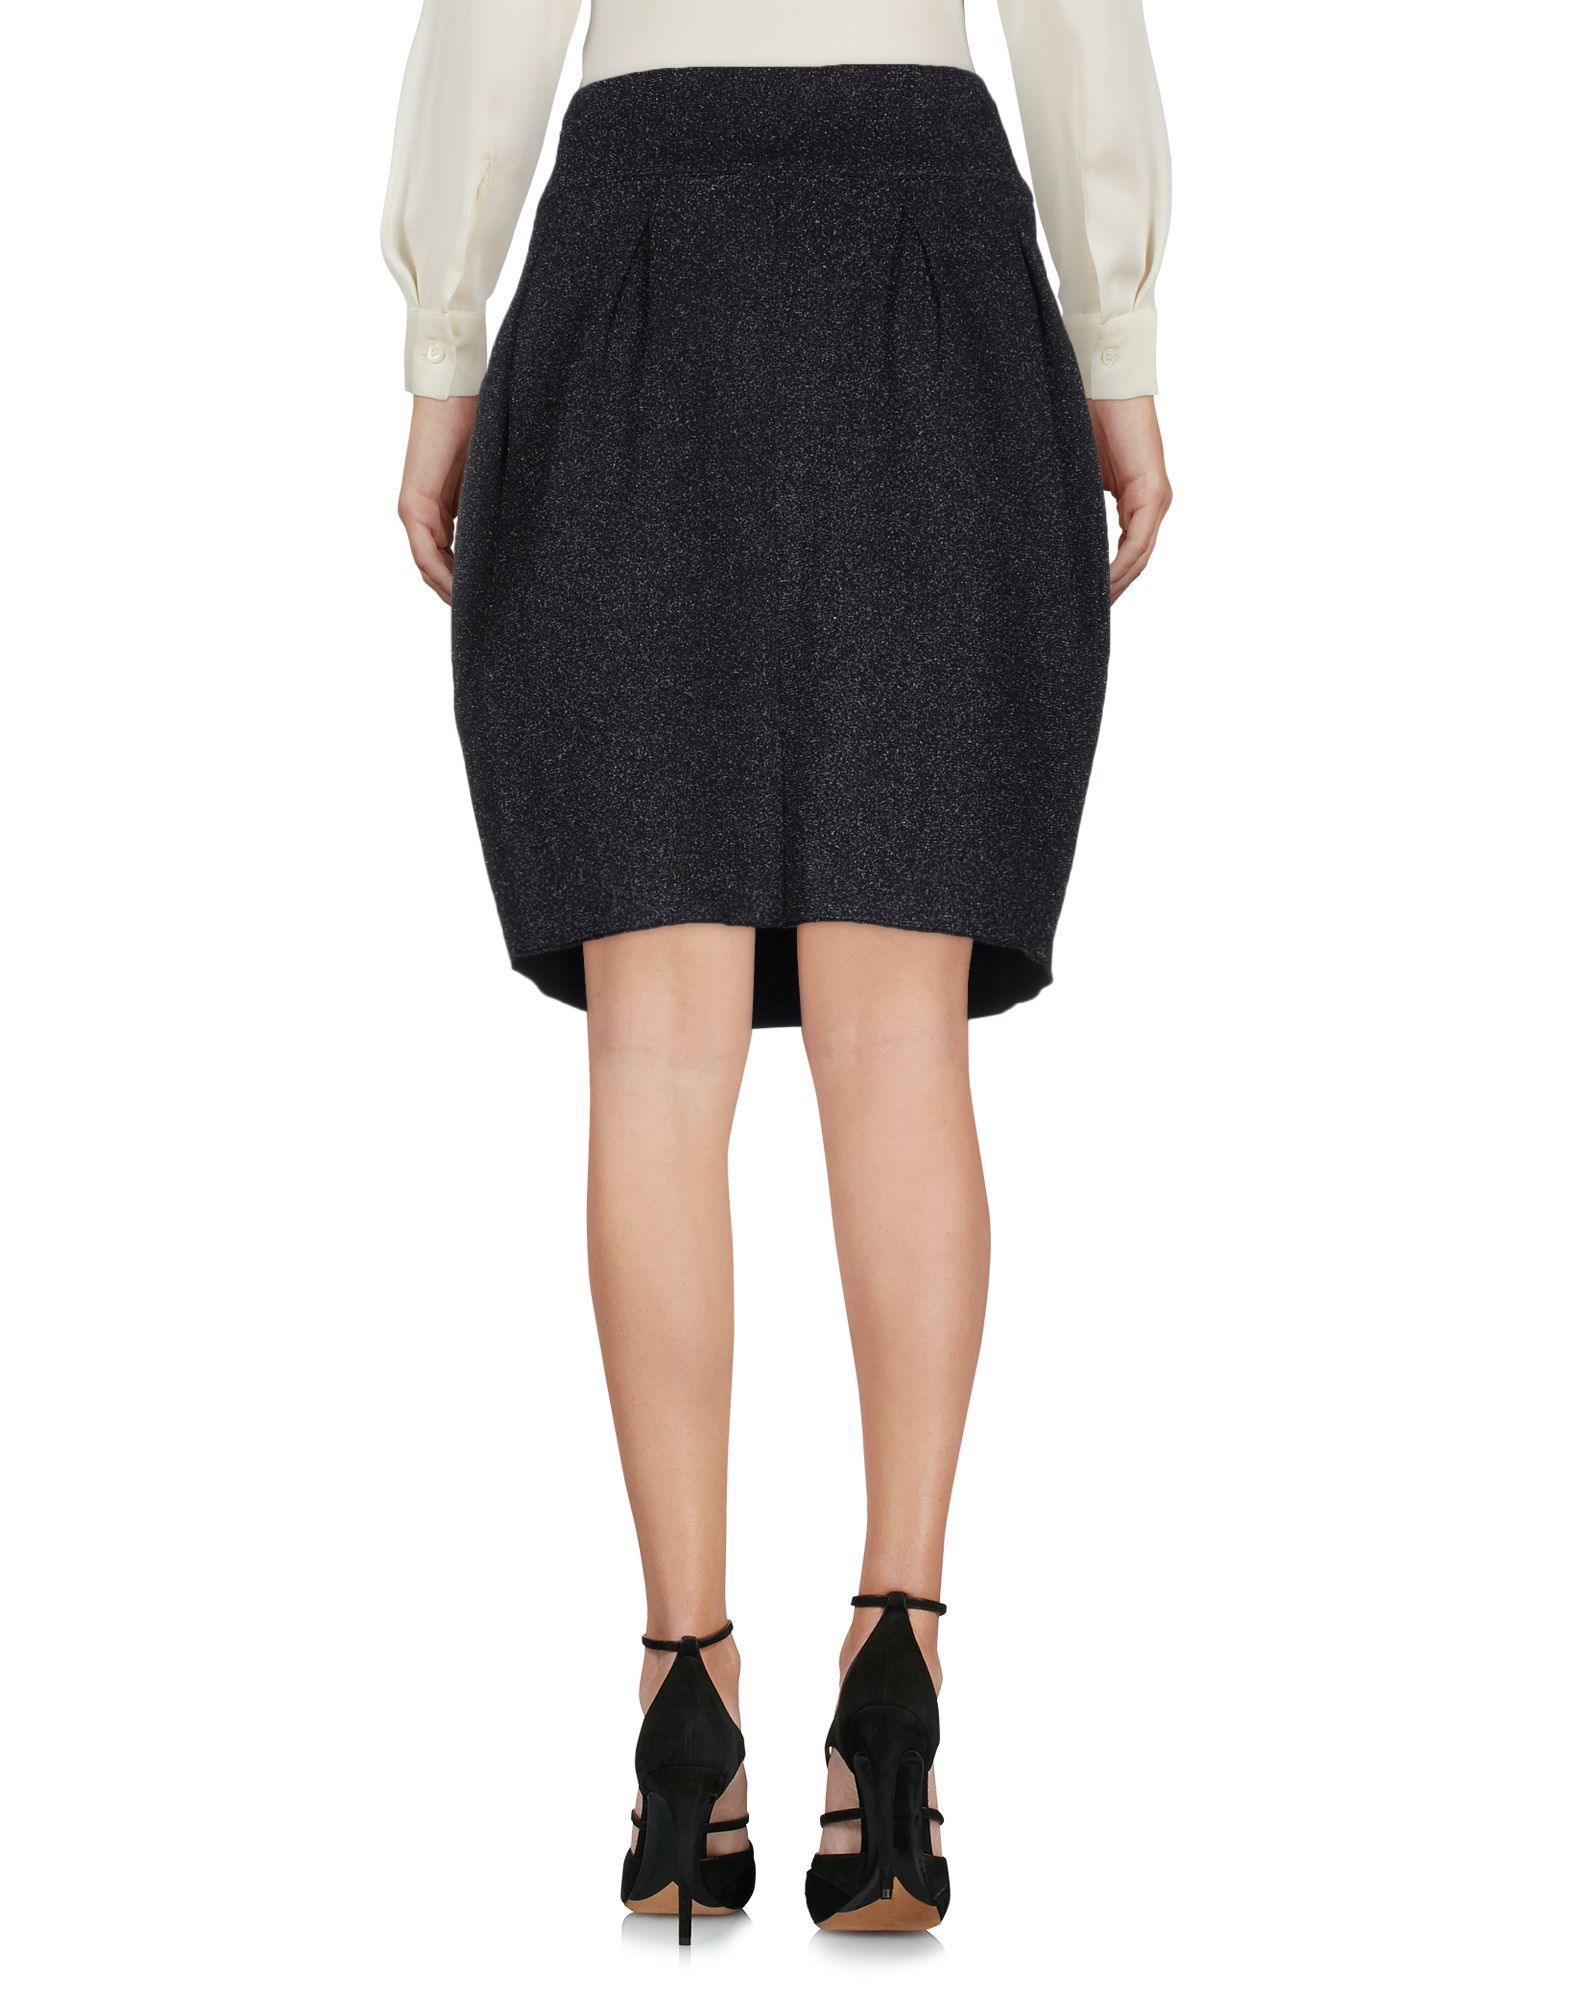 Skirt Jijil Black Women's Polyester